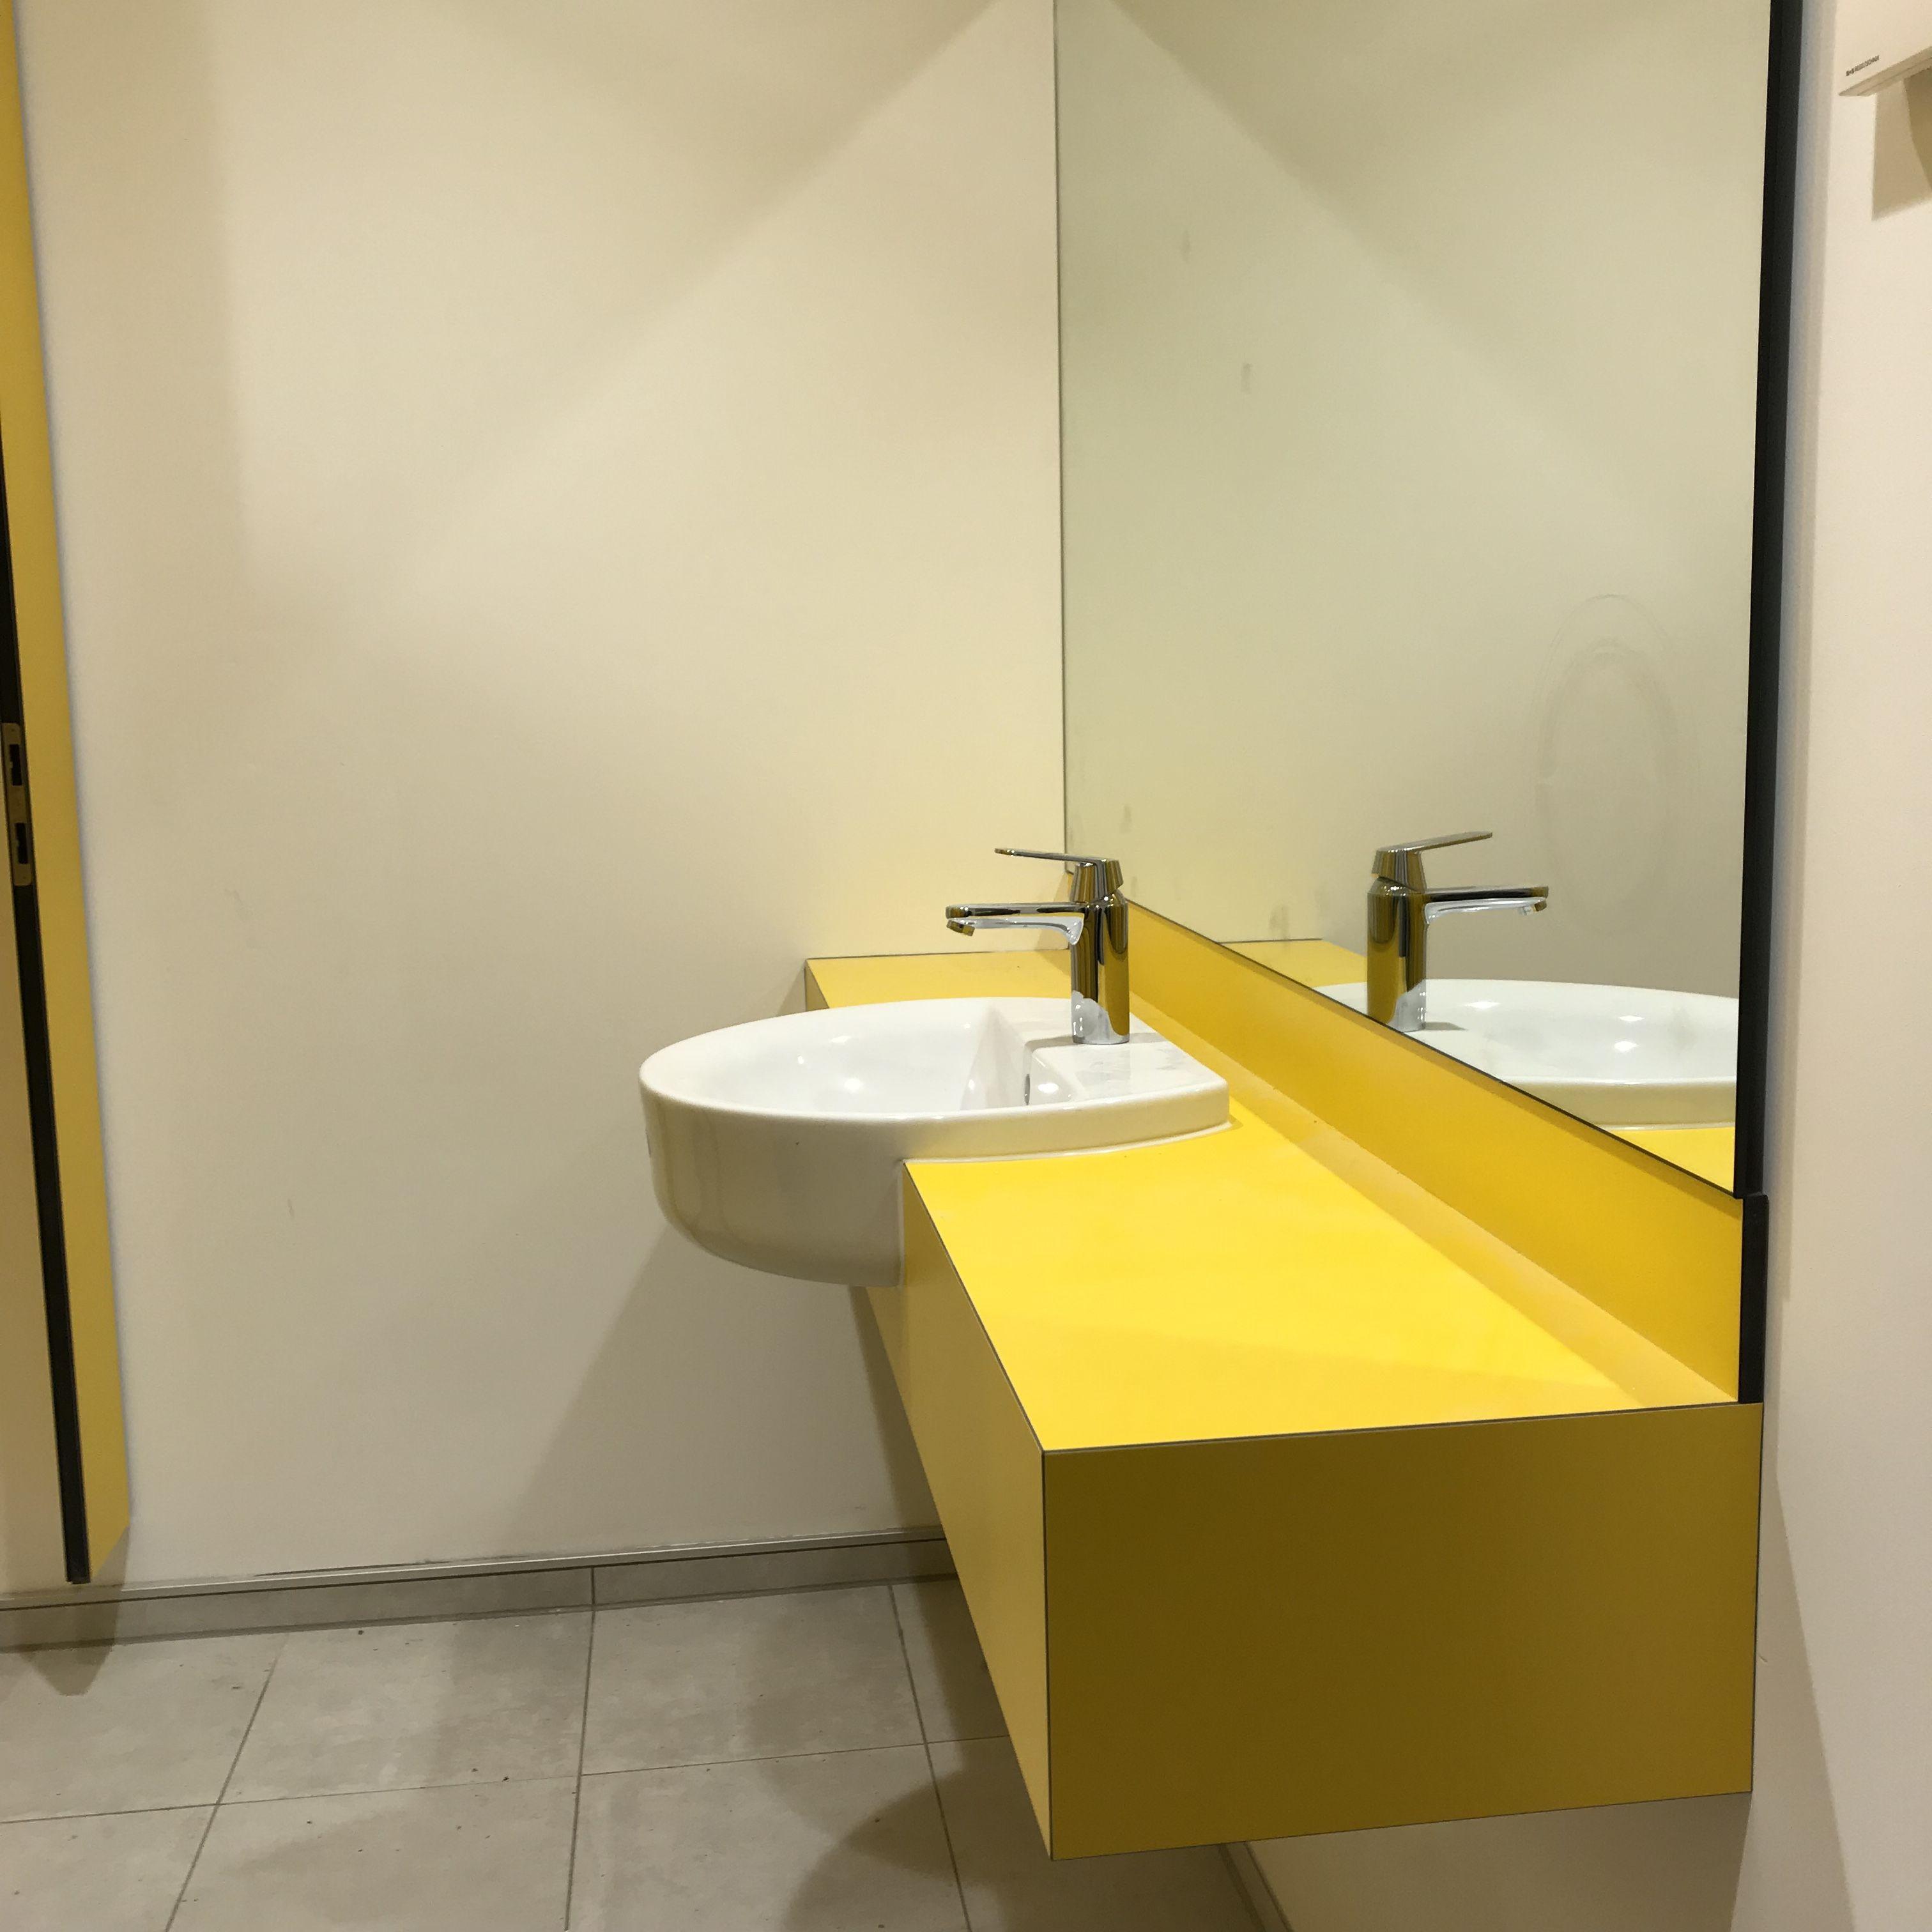 Waschtischanlage Aus Hpl In Farbe Maisgelb Verwaltungsgebaude Trennwand Gebaude